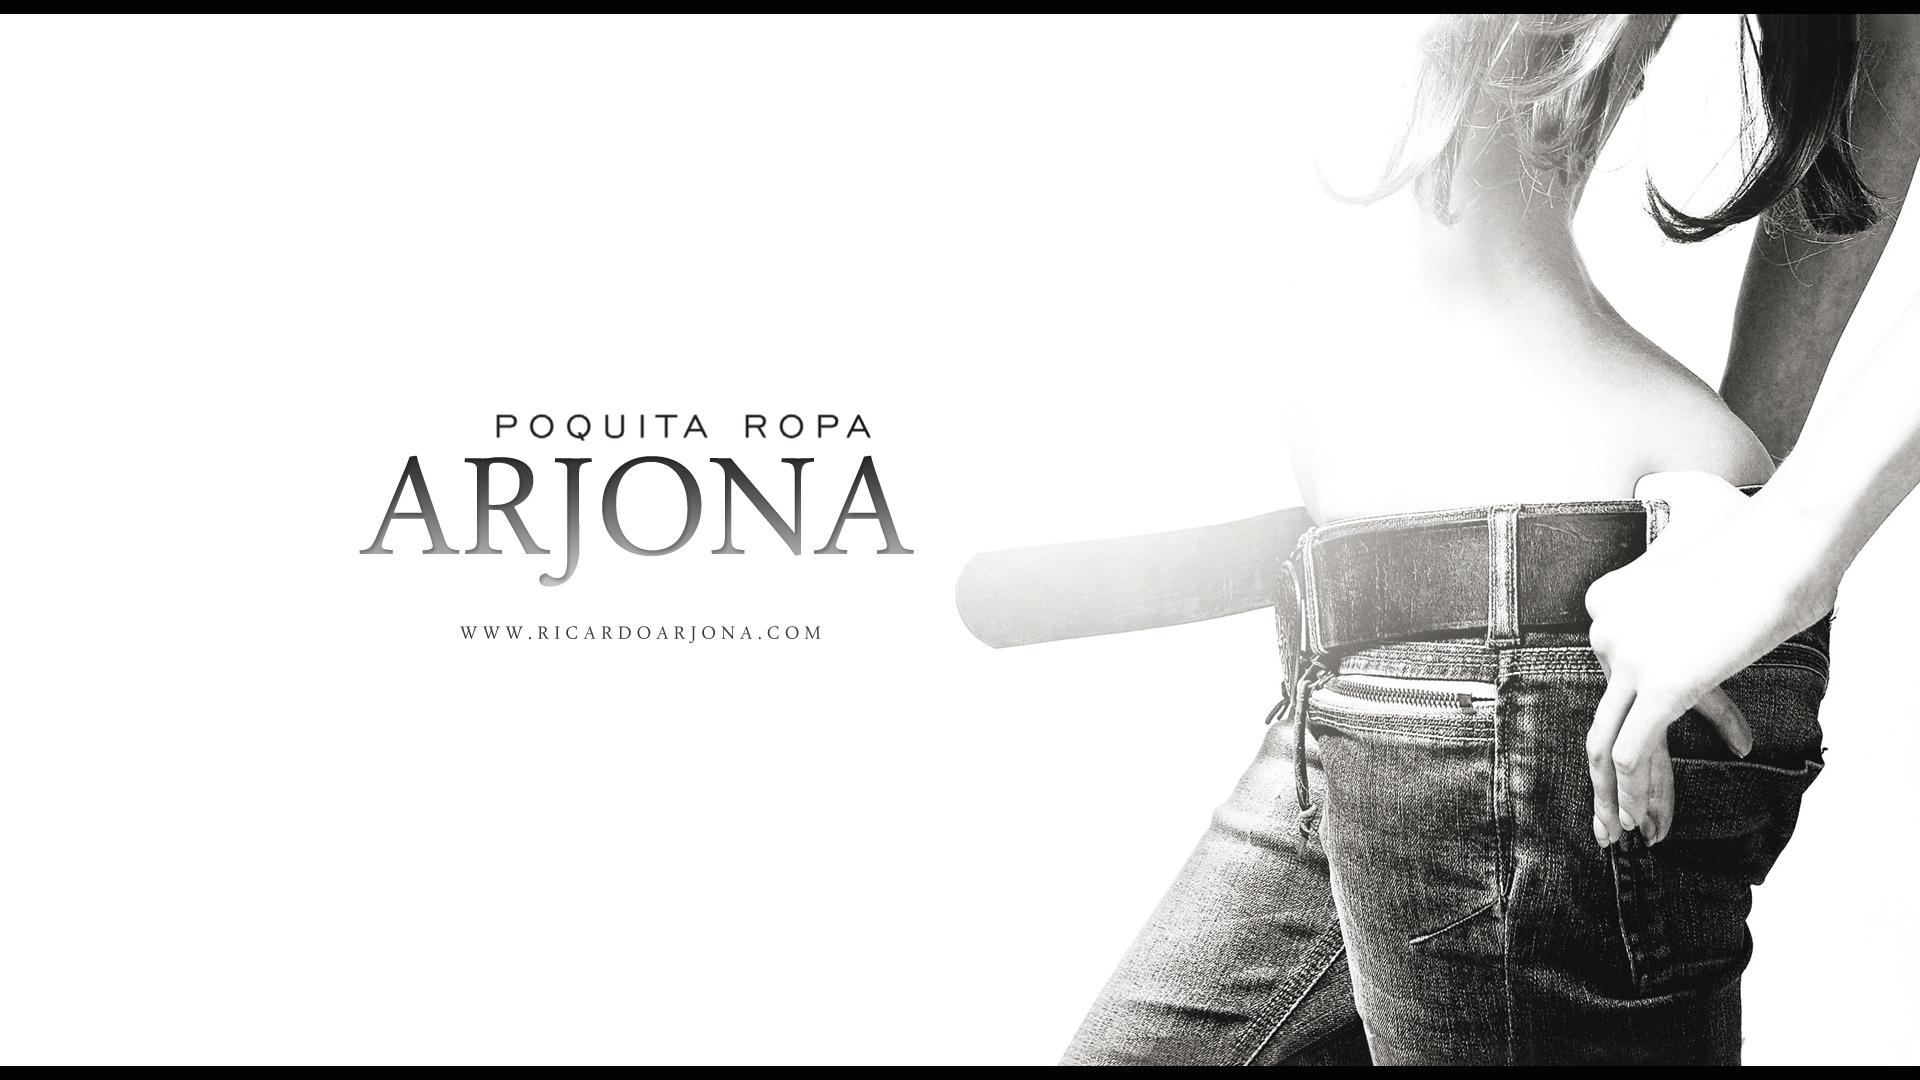 Fuente RicardoArjona.com